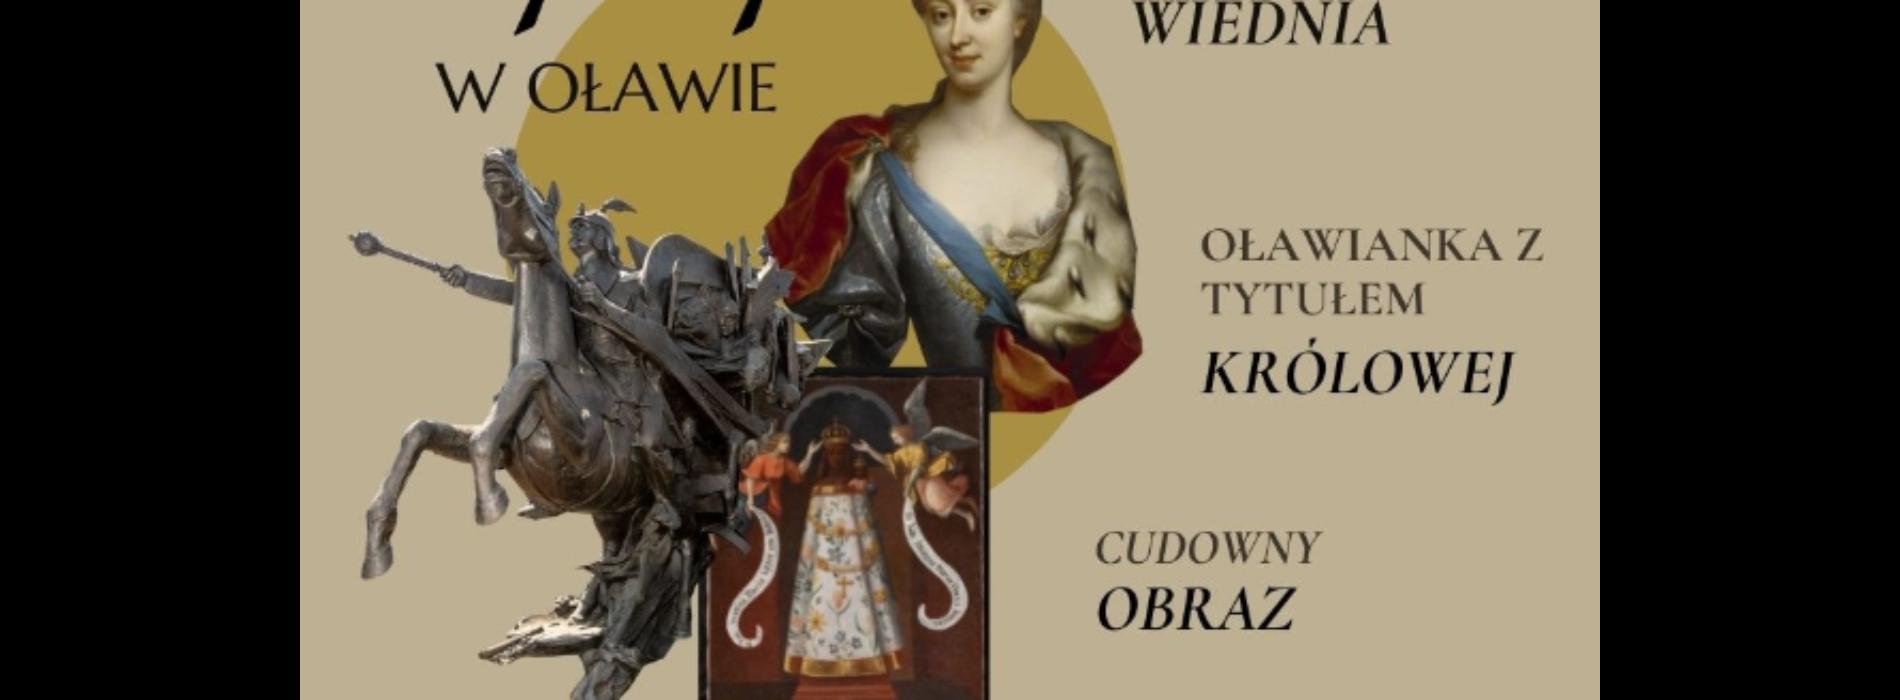 Już w najbliższą sobotę 17 lipca w Oławie wielkie święto rodu Sobieskich!